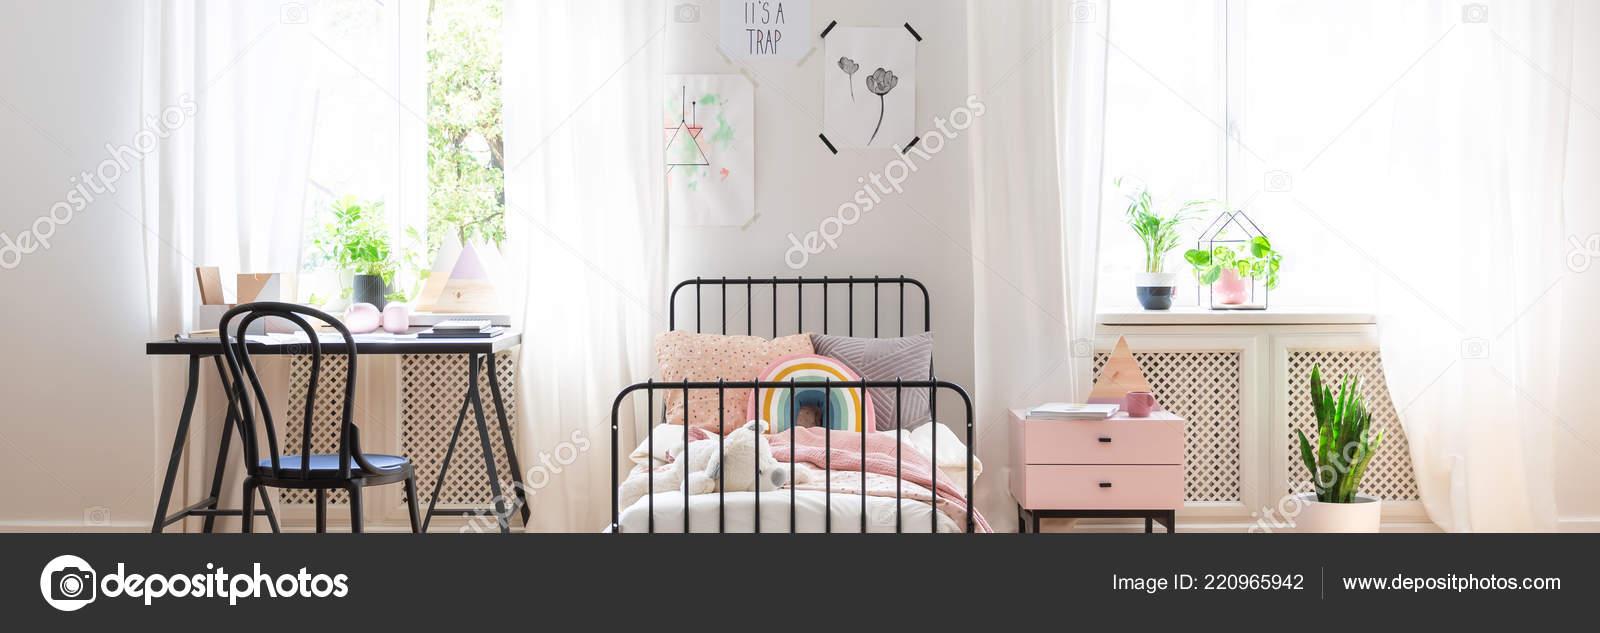 Vraie Photo Intérieur Chambre Coucher Adolescent Lumineux